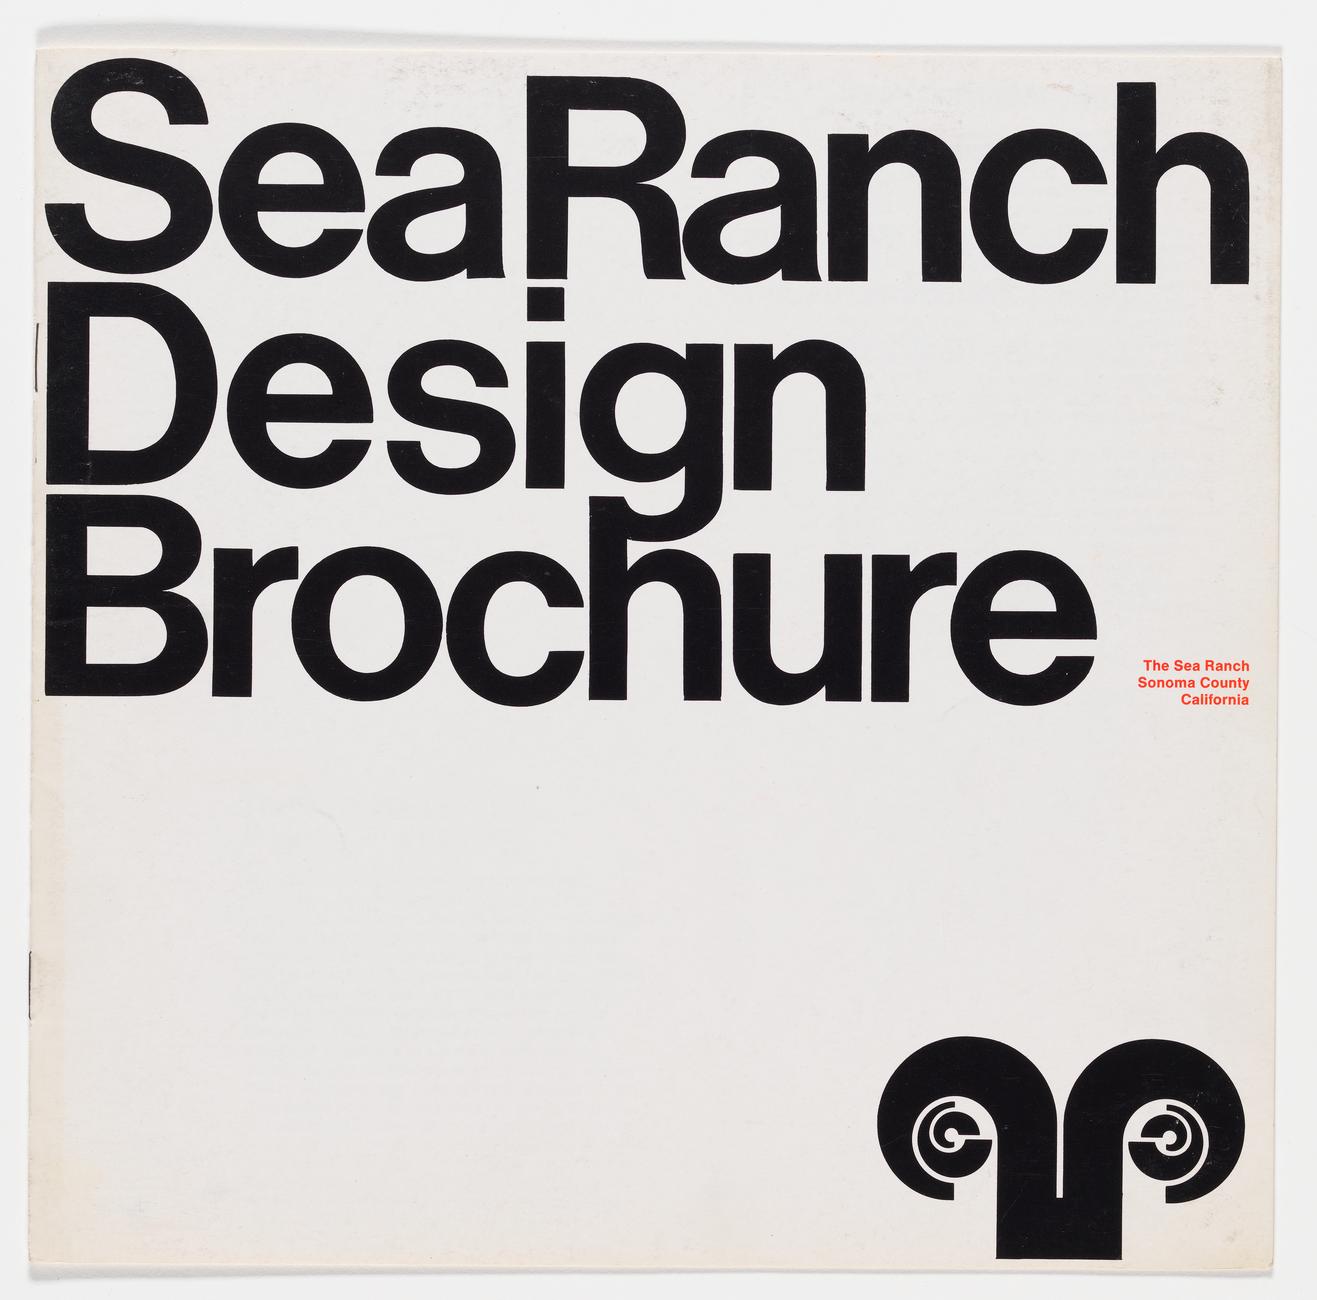 Sea Ranch brochure